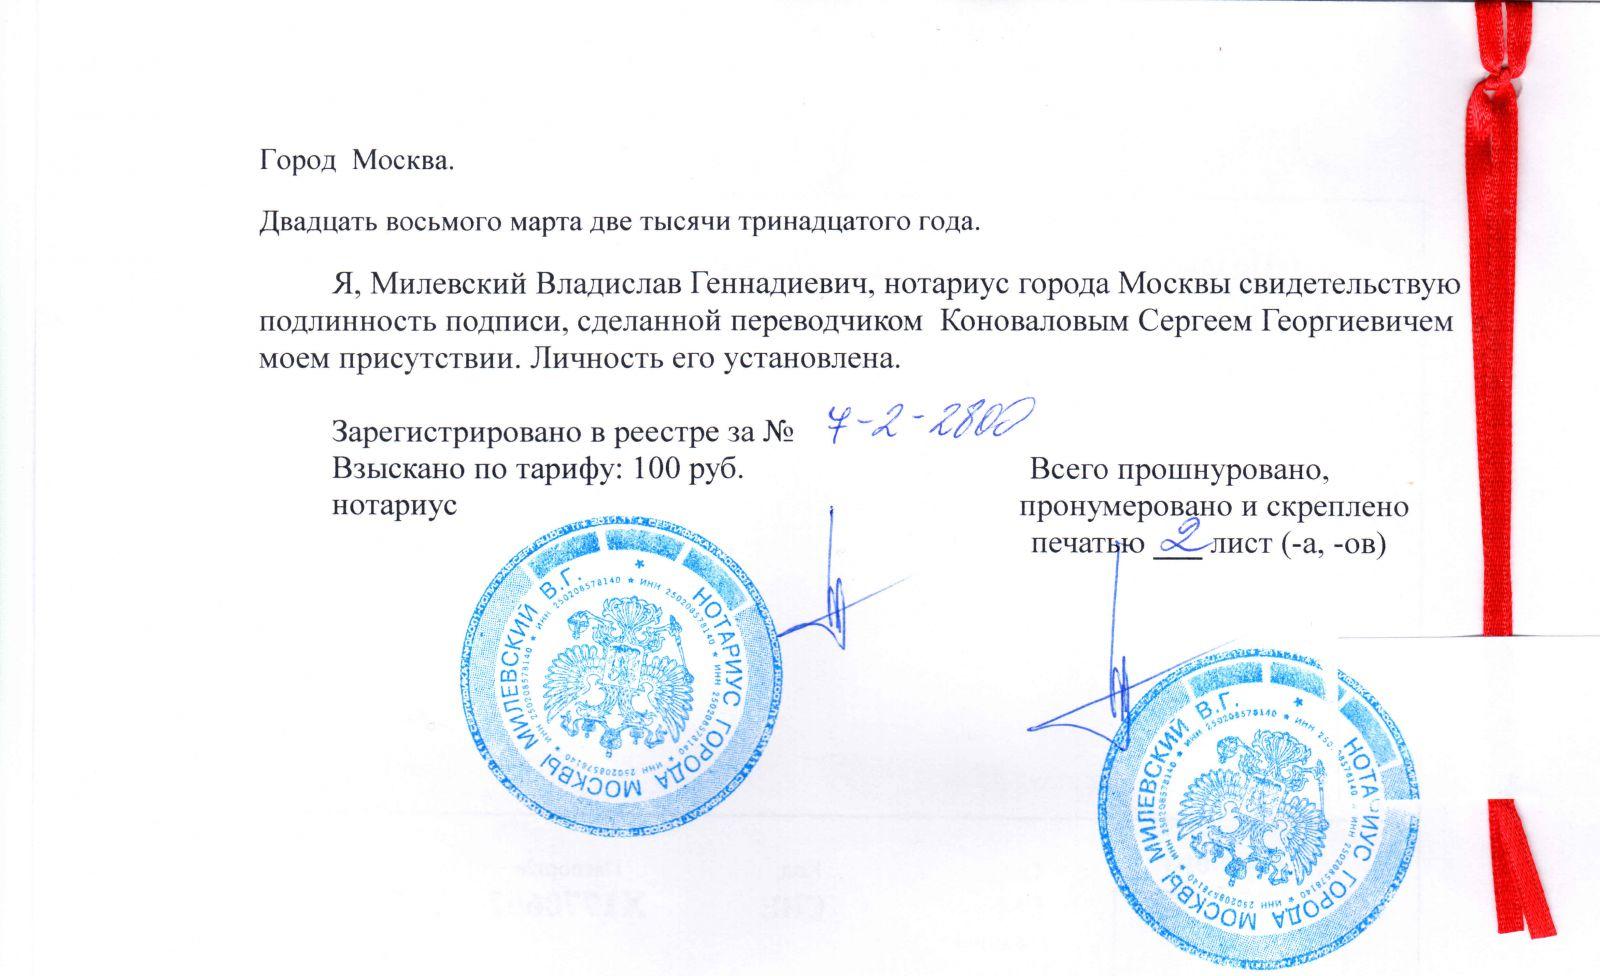 Заверение перевода у нотариуса Бюро переводов Лада Транслейшн  Процедура нотариального заверения подписи переводчика